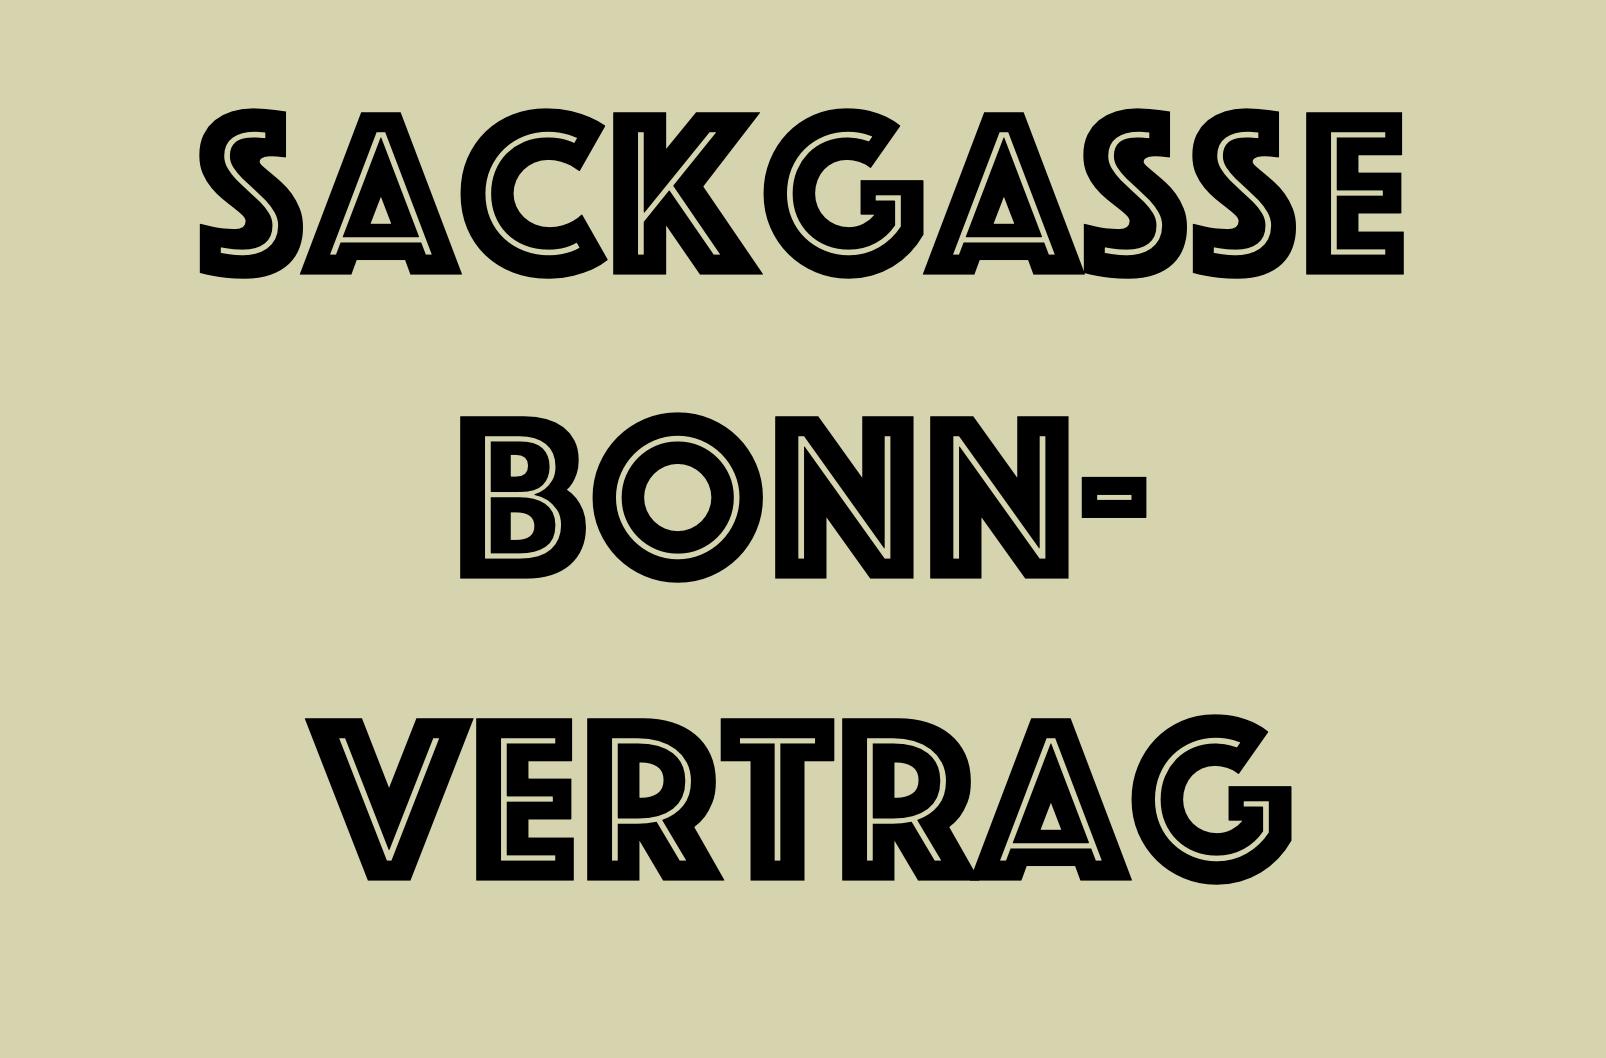 EINEN BONN-VERTRAG ZU FORDERN, IST